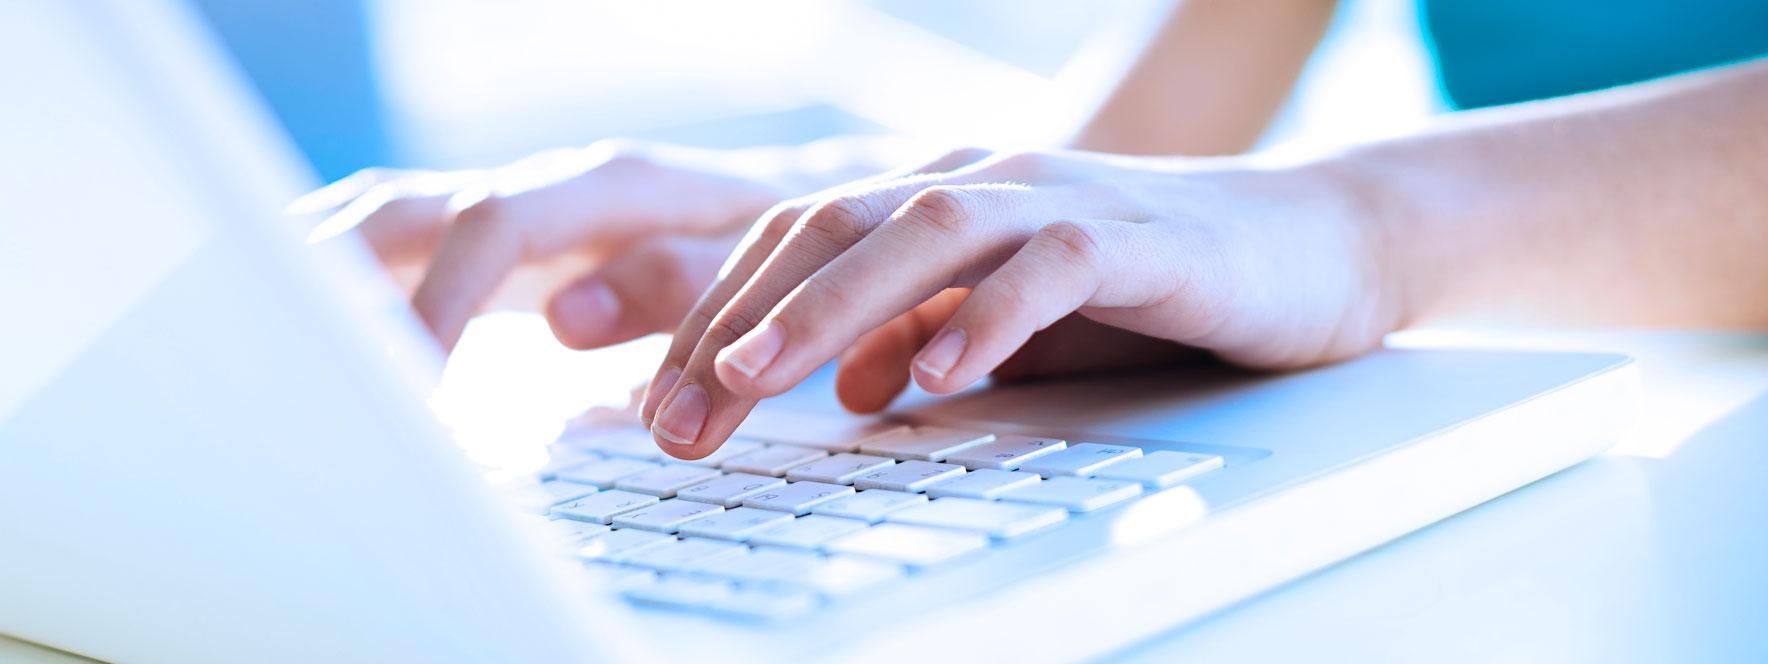 Ajouter un service de prise de rendez-vous en ligne à son site web - Blogue du Réseau